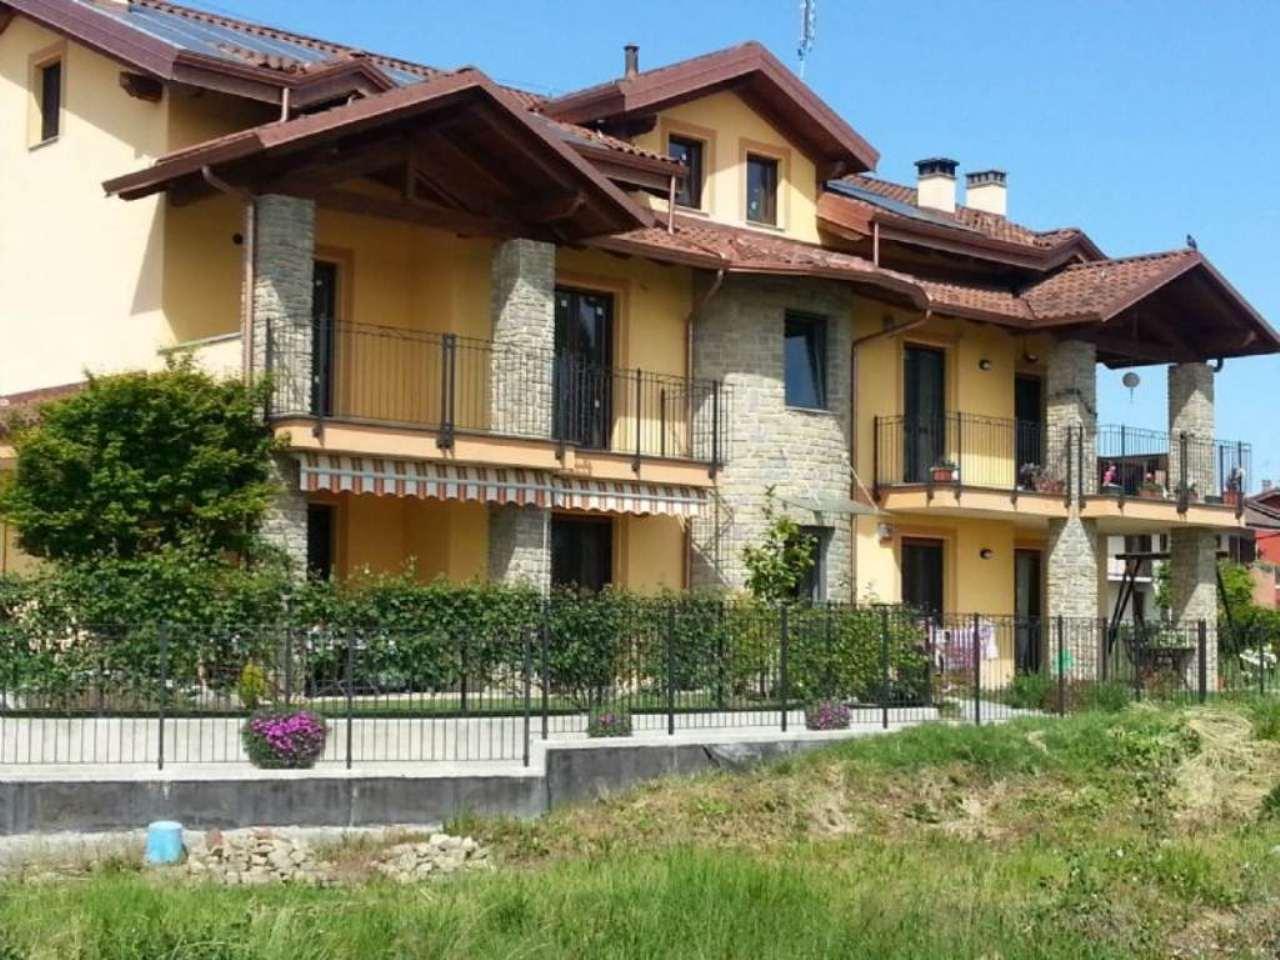 Appartamento in vendita a Poirino, 6 locali, prezzo € 235.000 | CambioCasa.it